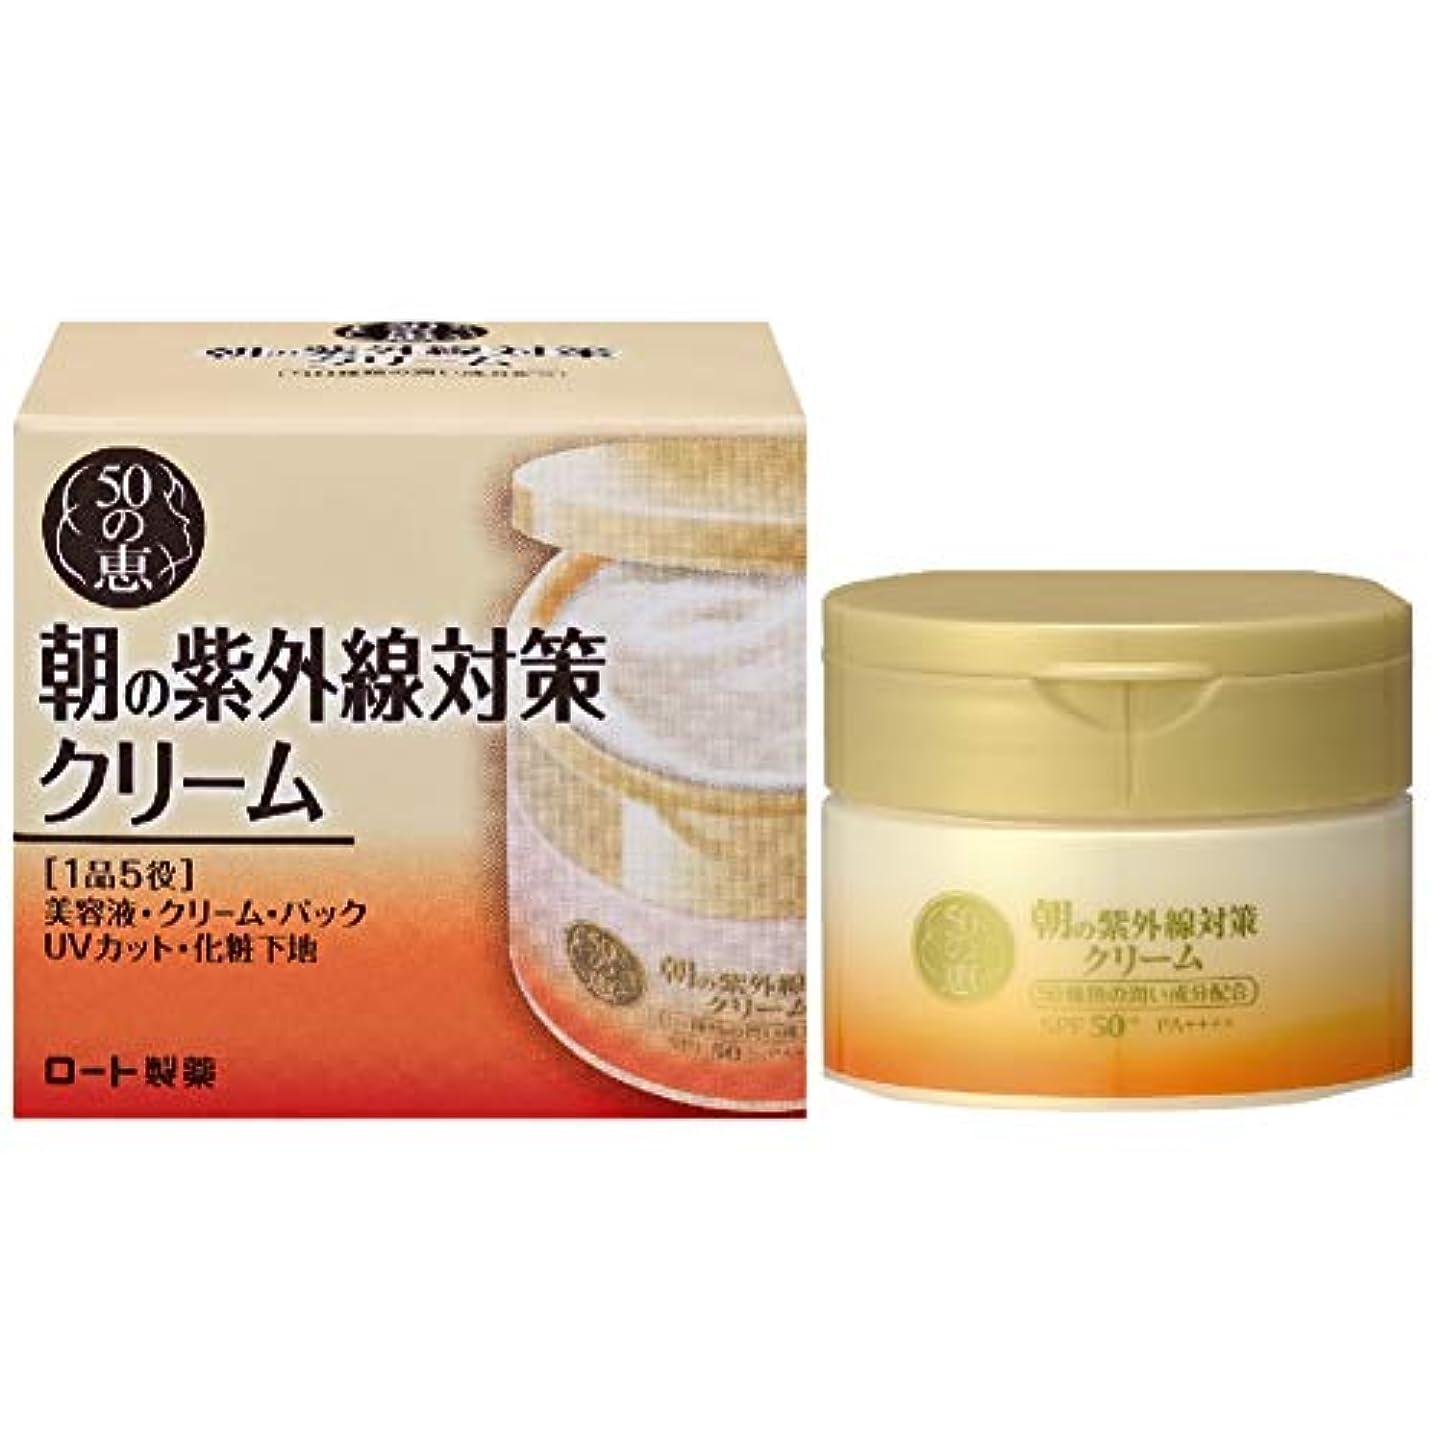 タック動物核ロート製薬 50の恵エイジングケア 朝の紫外線対策クリーム 養潤成分50種類配合オールインワン SPF50+ PA++++ 90g